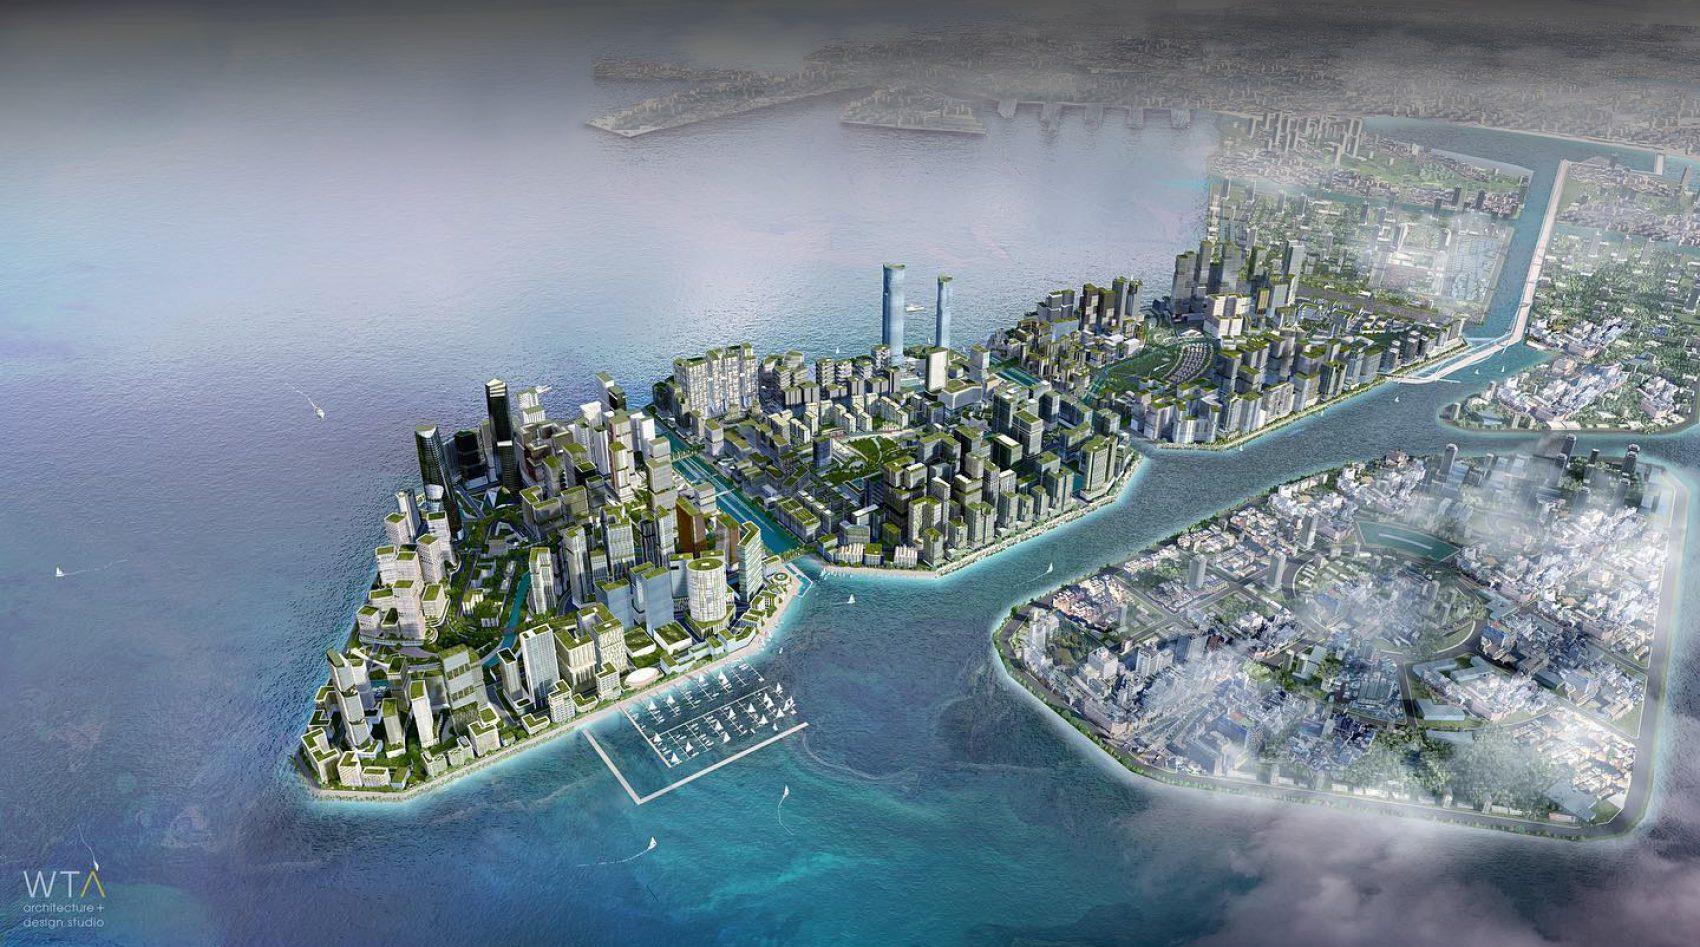 Horizon-Manila-Reclamation-Project-Master-Plan-03-ozqnr76dkes91fqajazat28vadt2jj41cgmo4uuf3y